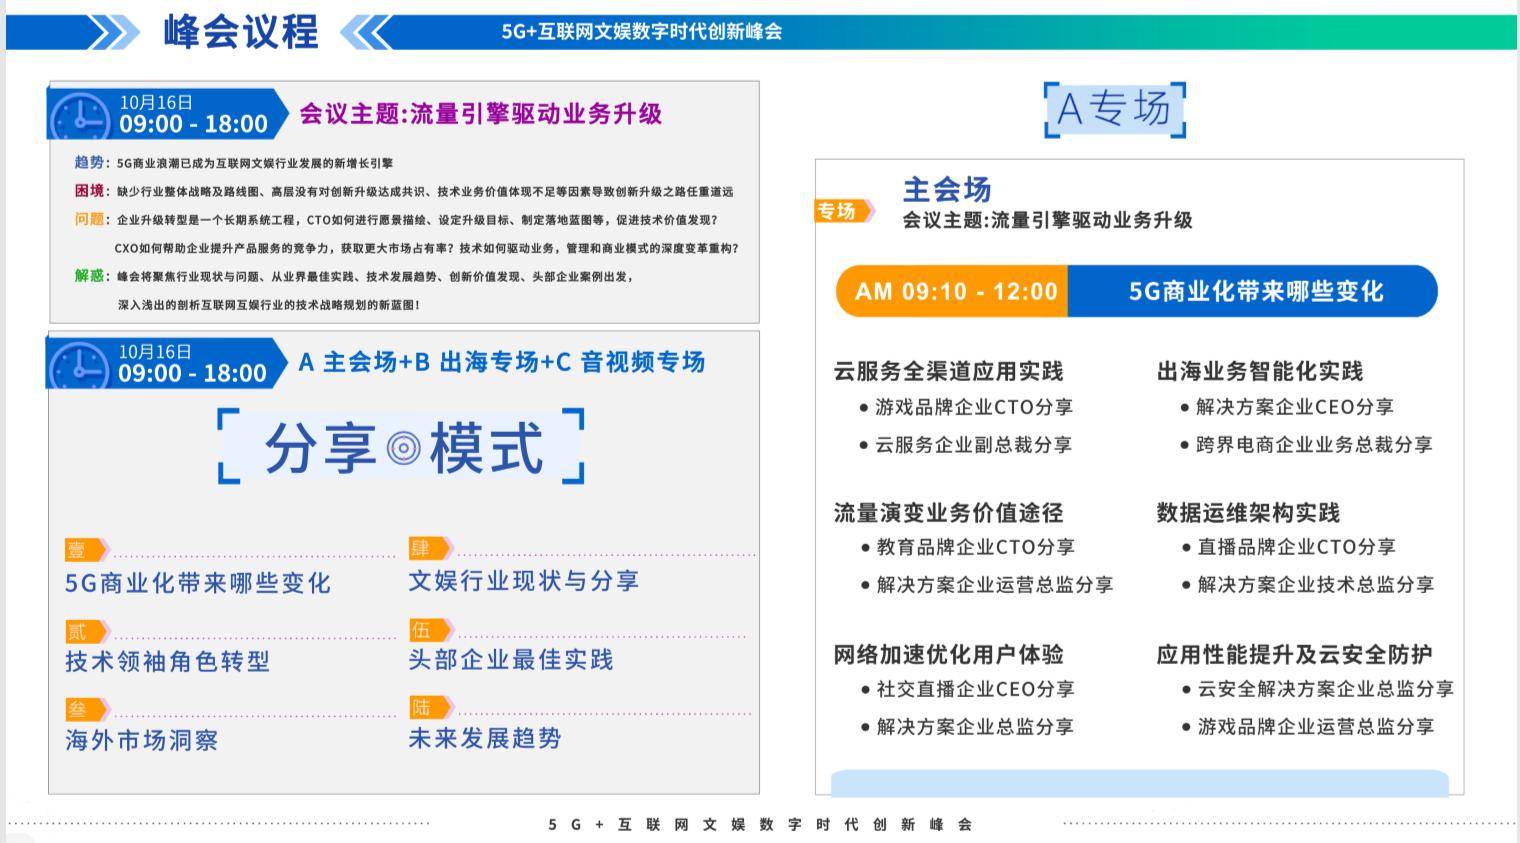 5G+互聯網文娛行業數字時代創新峰會